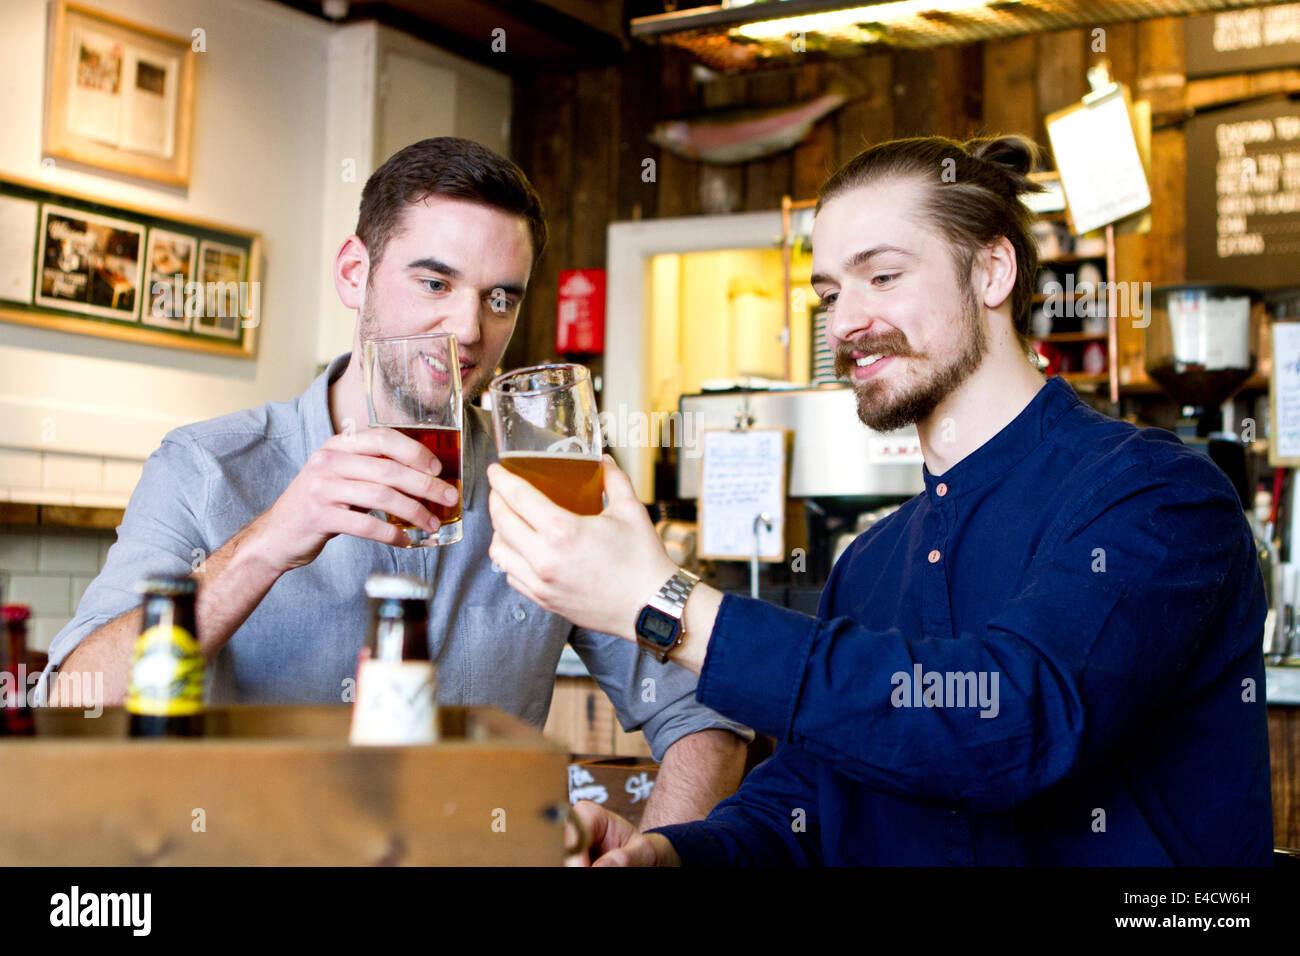 Young Men toasting avec de la bière dans un pub, Dorset, Bournemouth, Angleterre Photo Stock